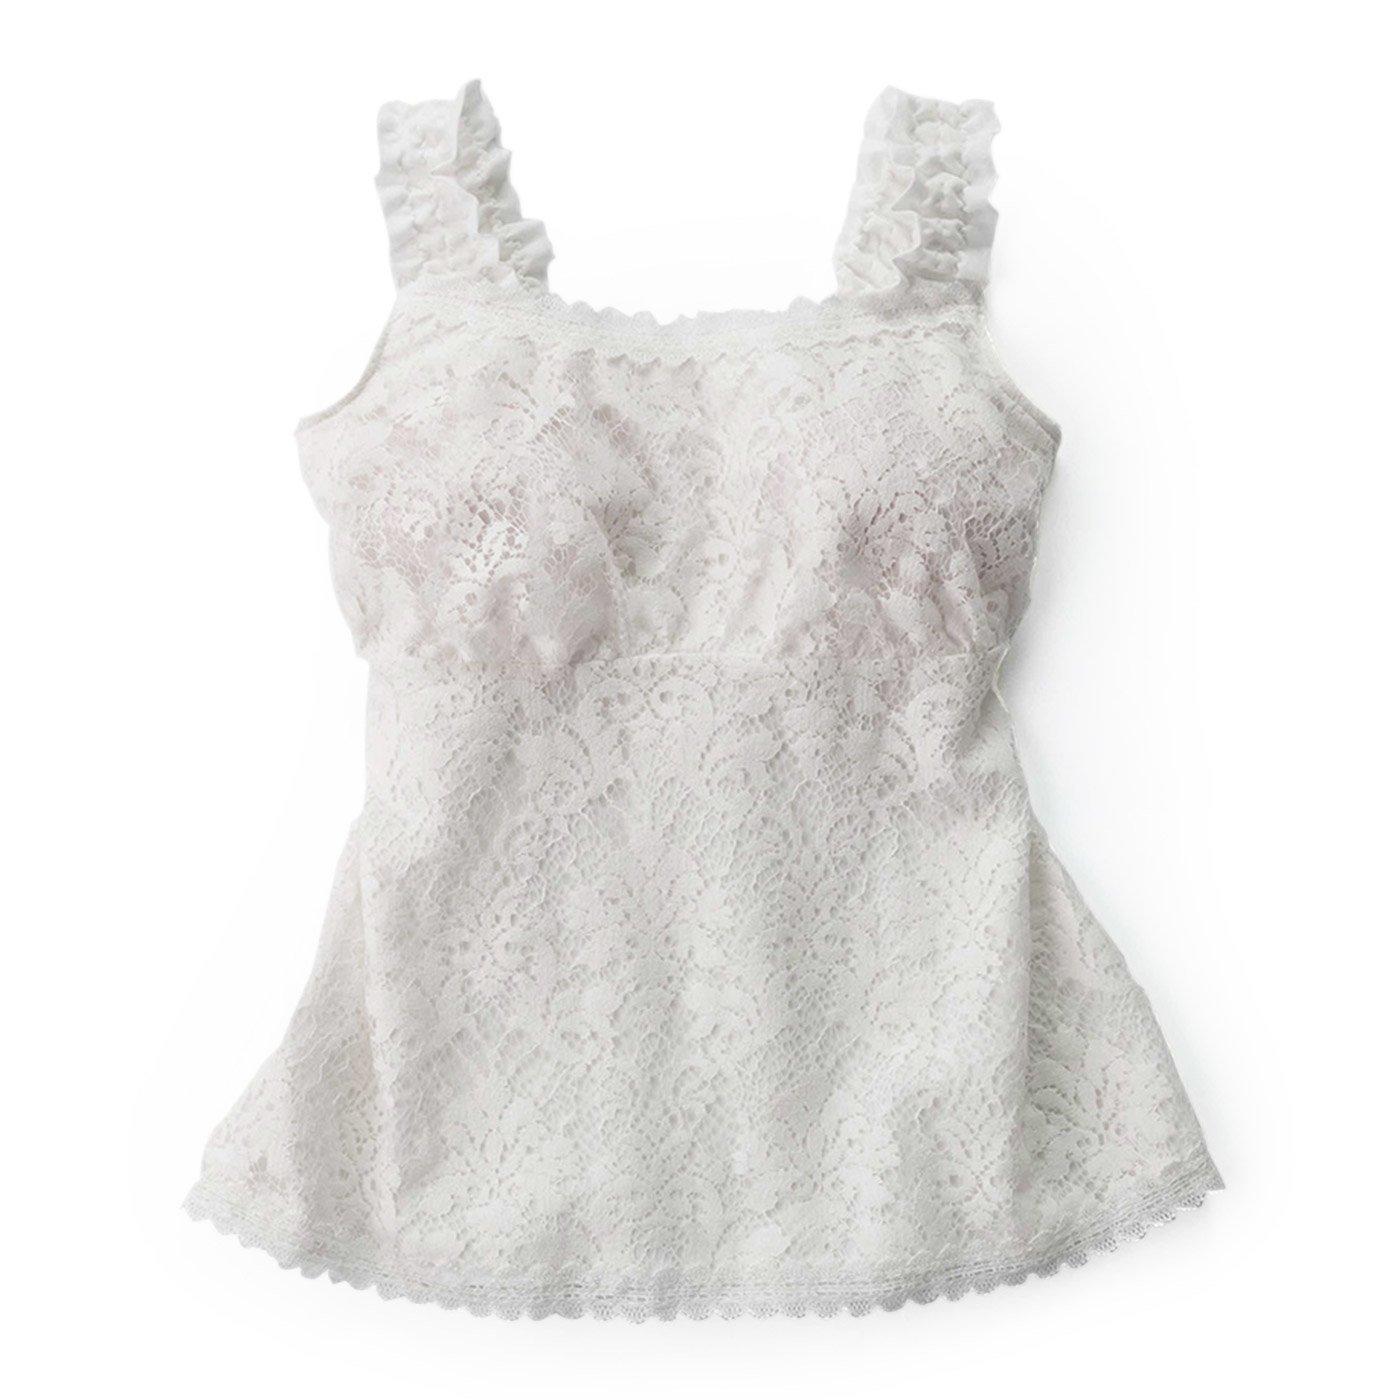 ぜいたくレース遣いなお洋服仕立てブラキャミソール〈ホワイト〉